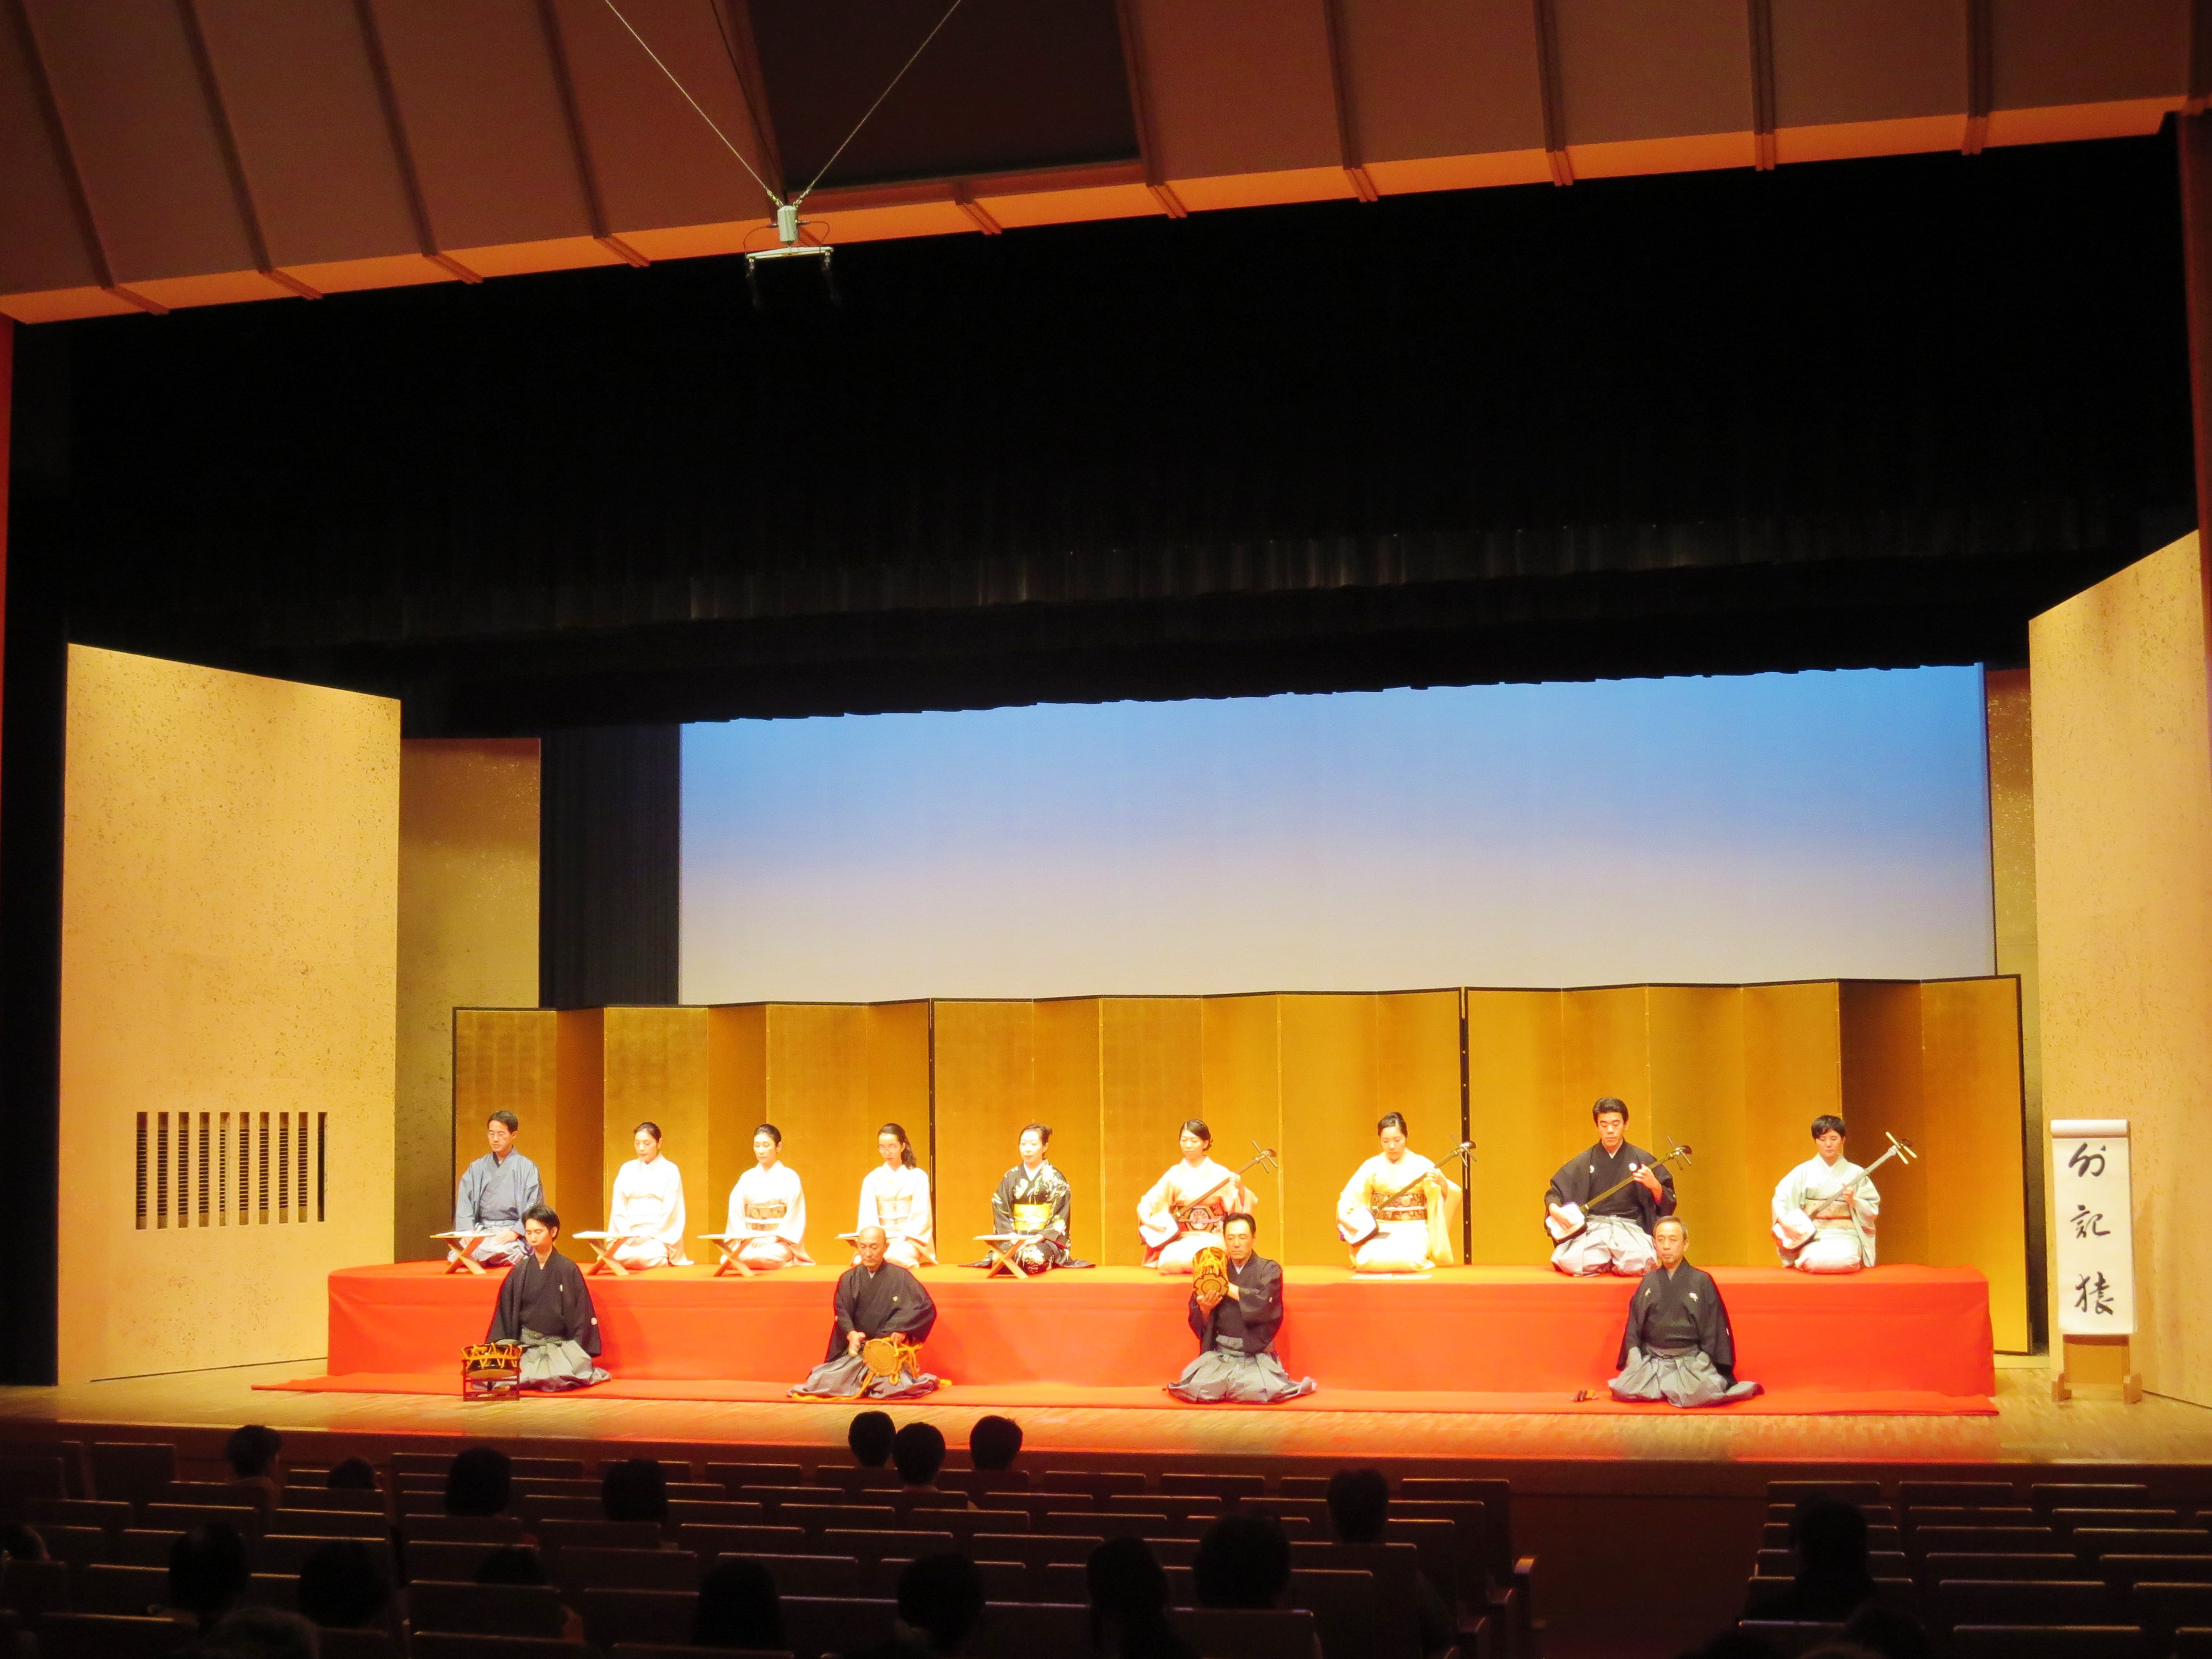 ▲演奏会の様子。そもそも長唄とは、江戸時代に発展した三味線音楽で、三味線を奏でる「三味線方」と唄を歌う「唄方」に分かれ、演奏される。